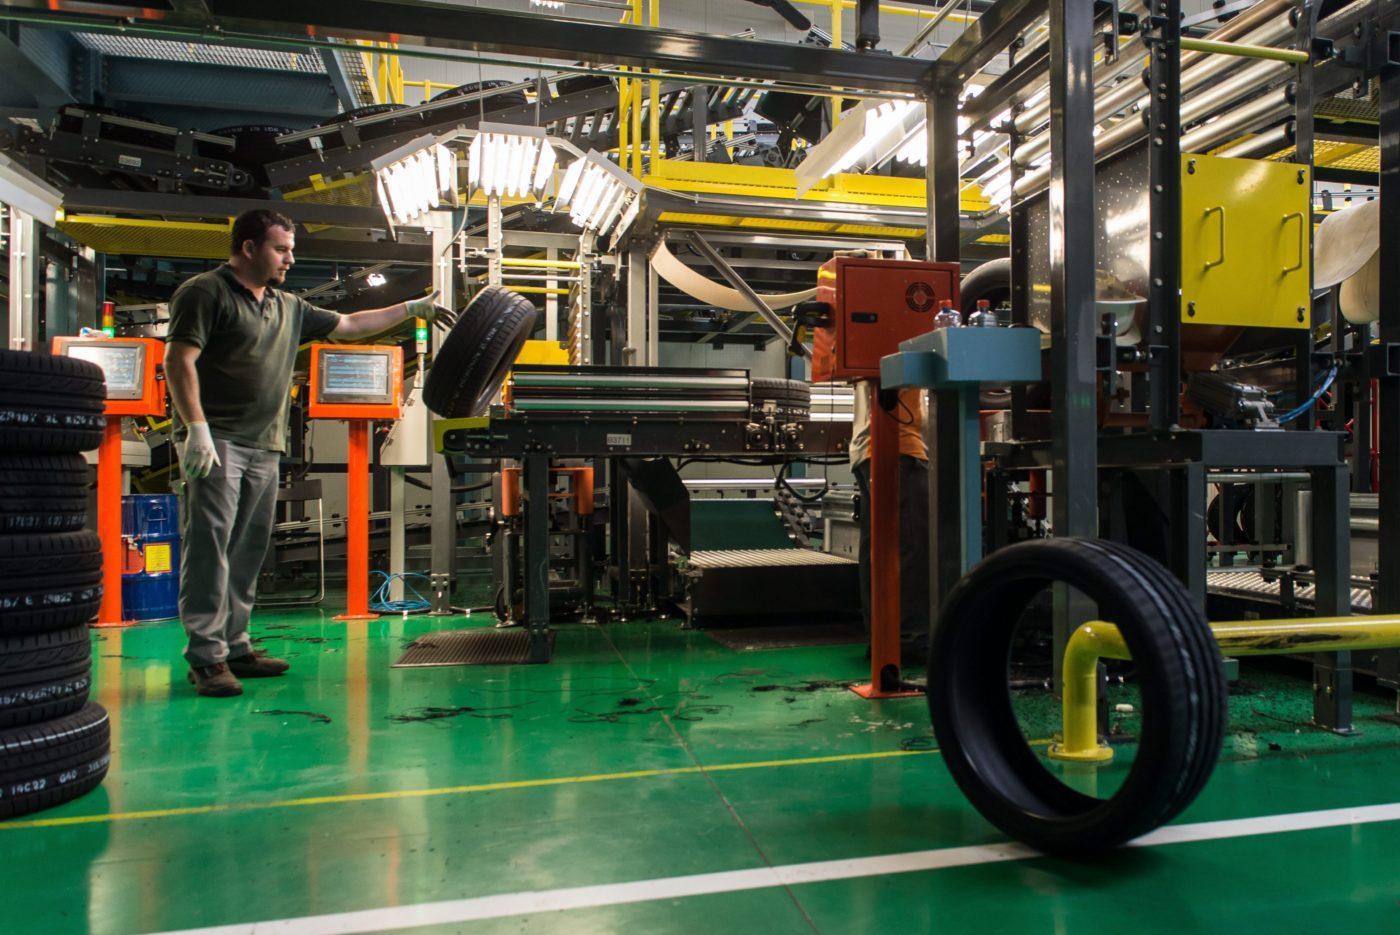 Hankook решила заморозить проект расширения мощностей своего завода в Венгрии